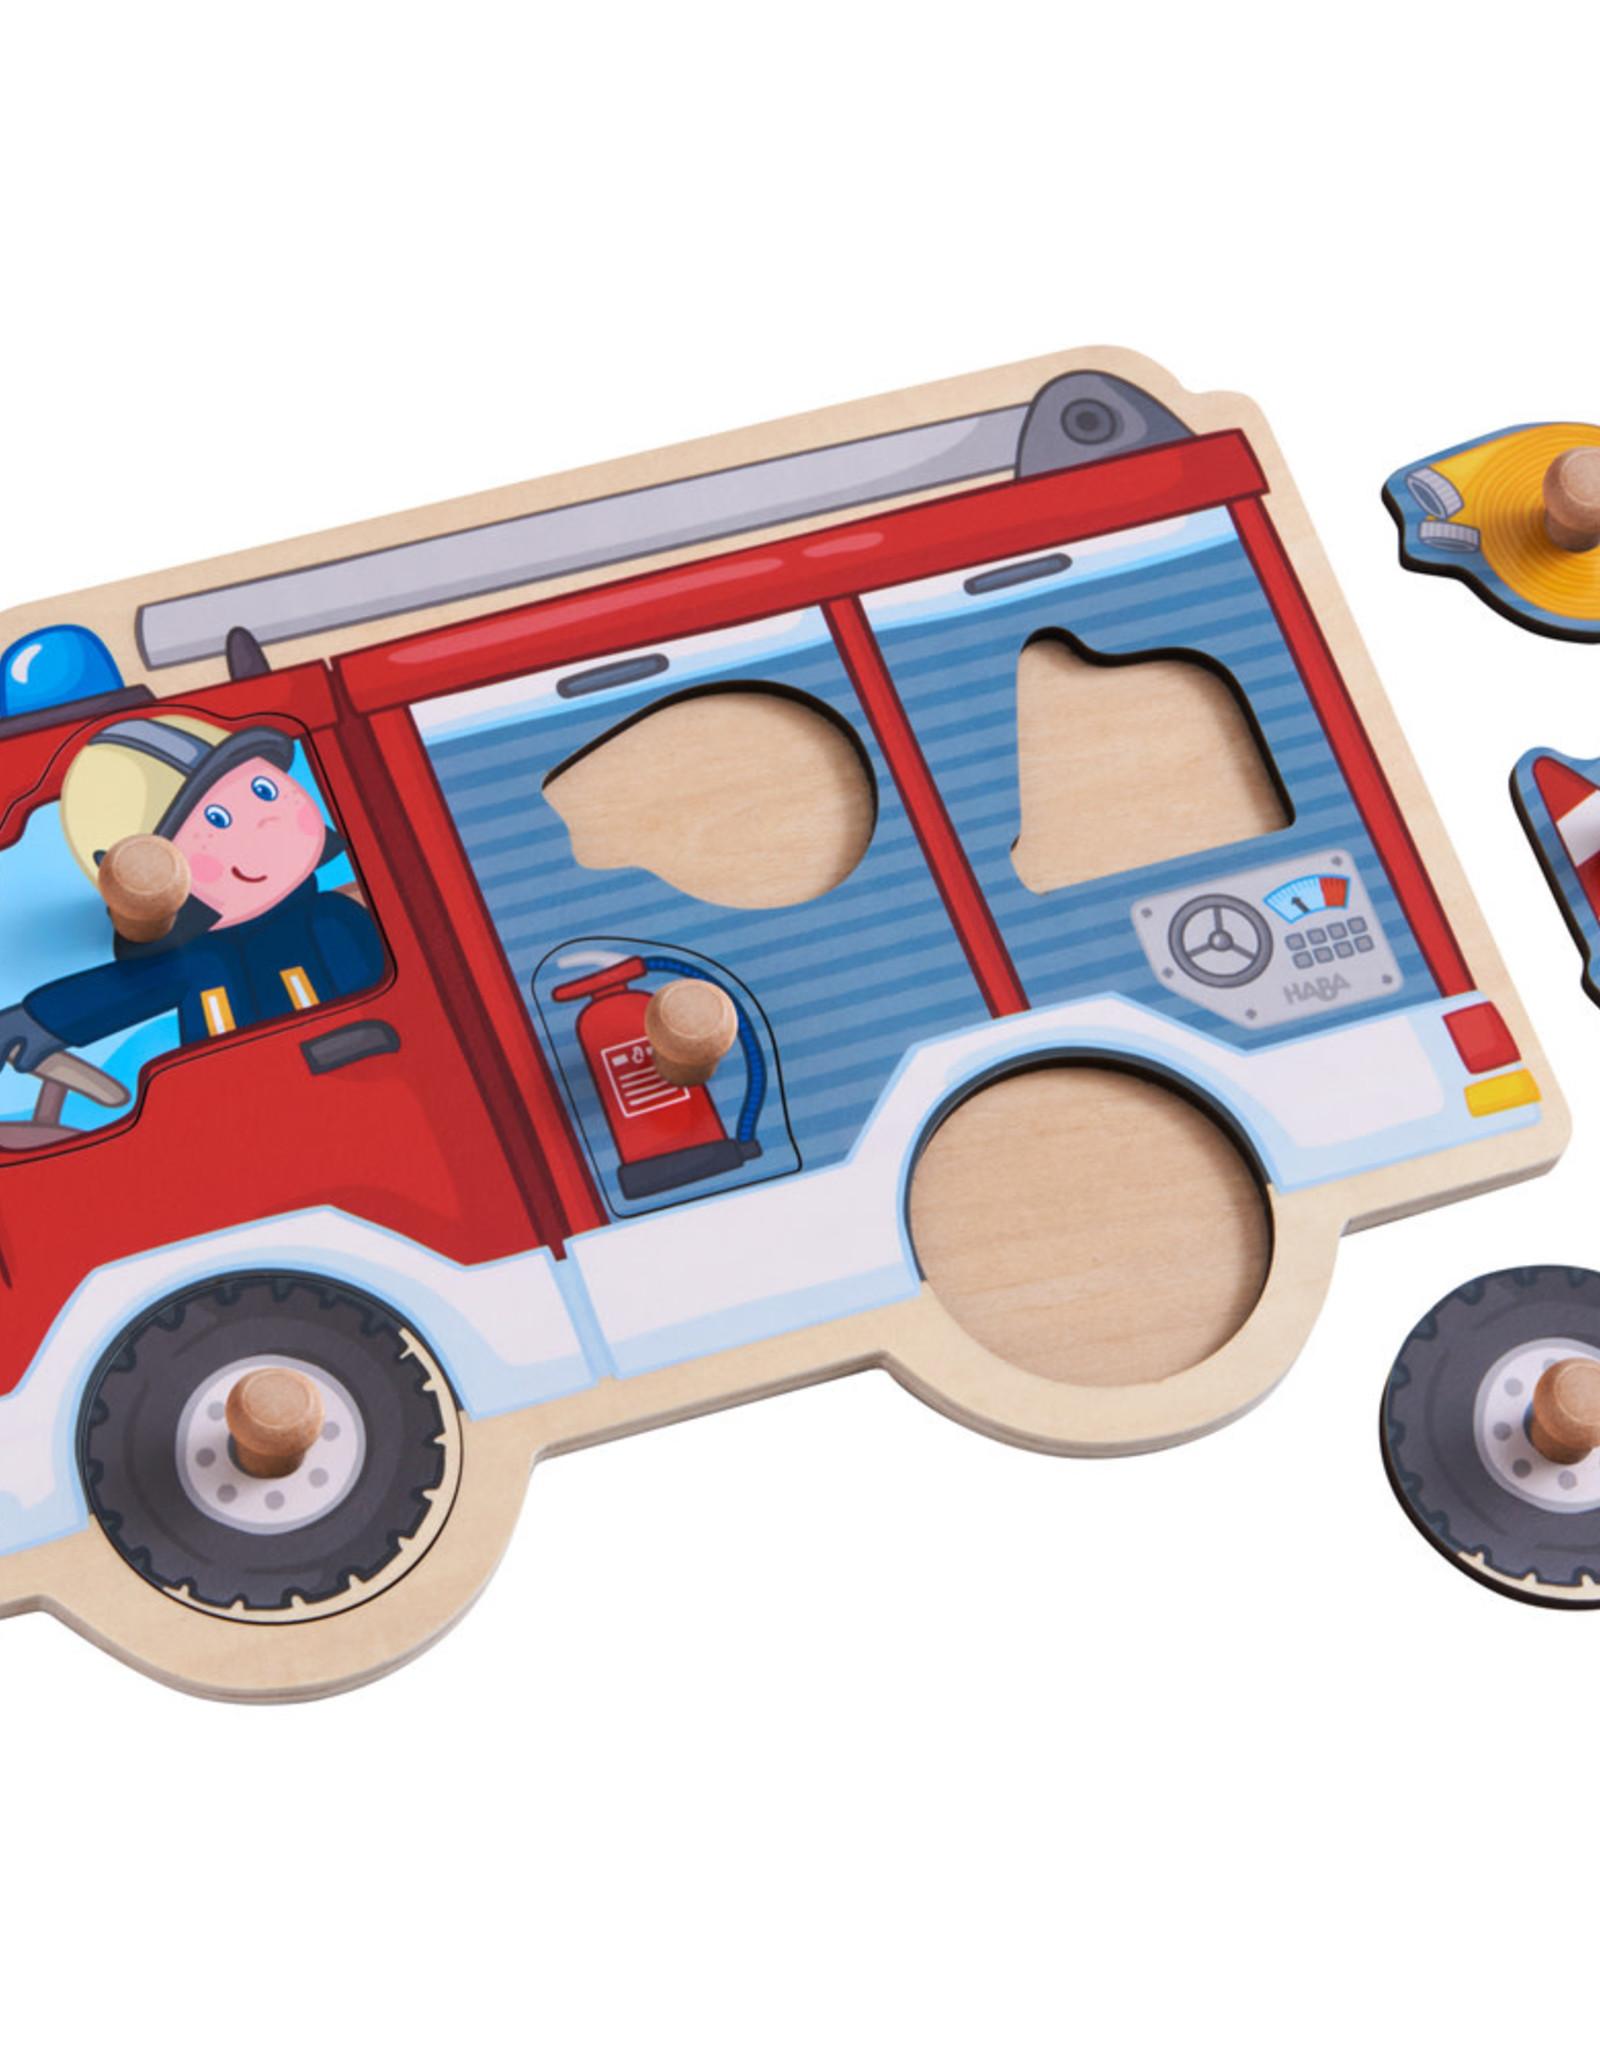 HABA Knoppuzzel Brandweerwagen